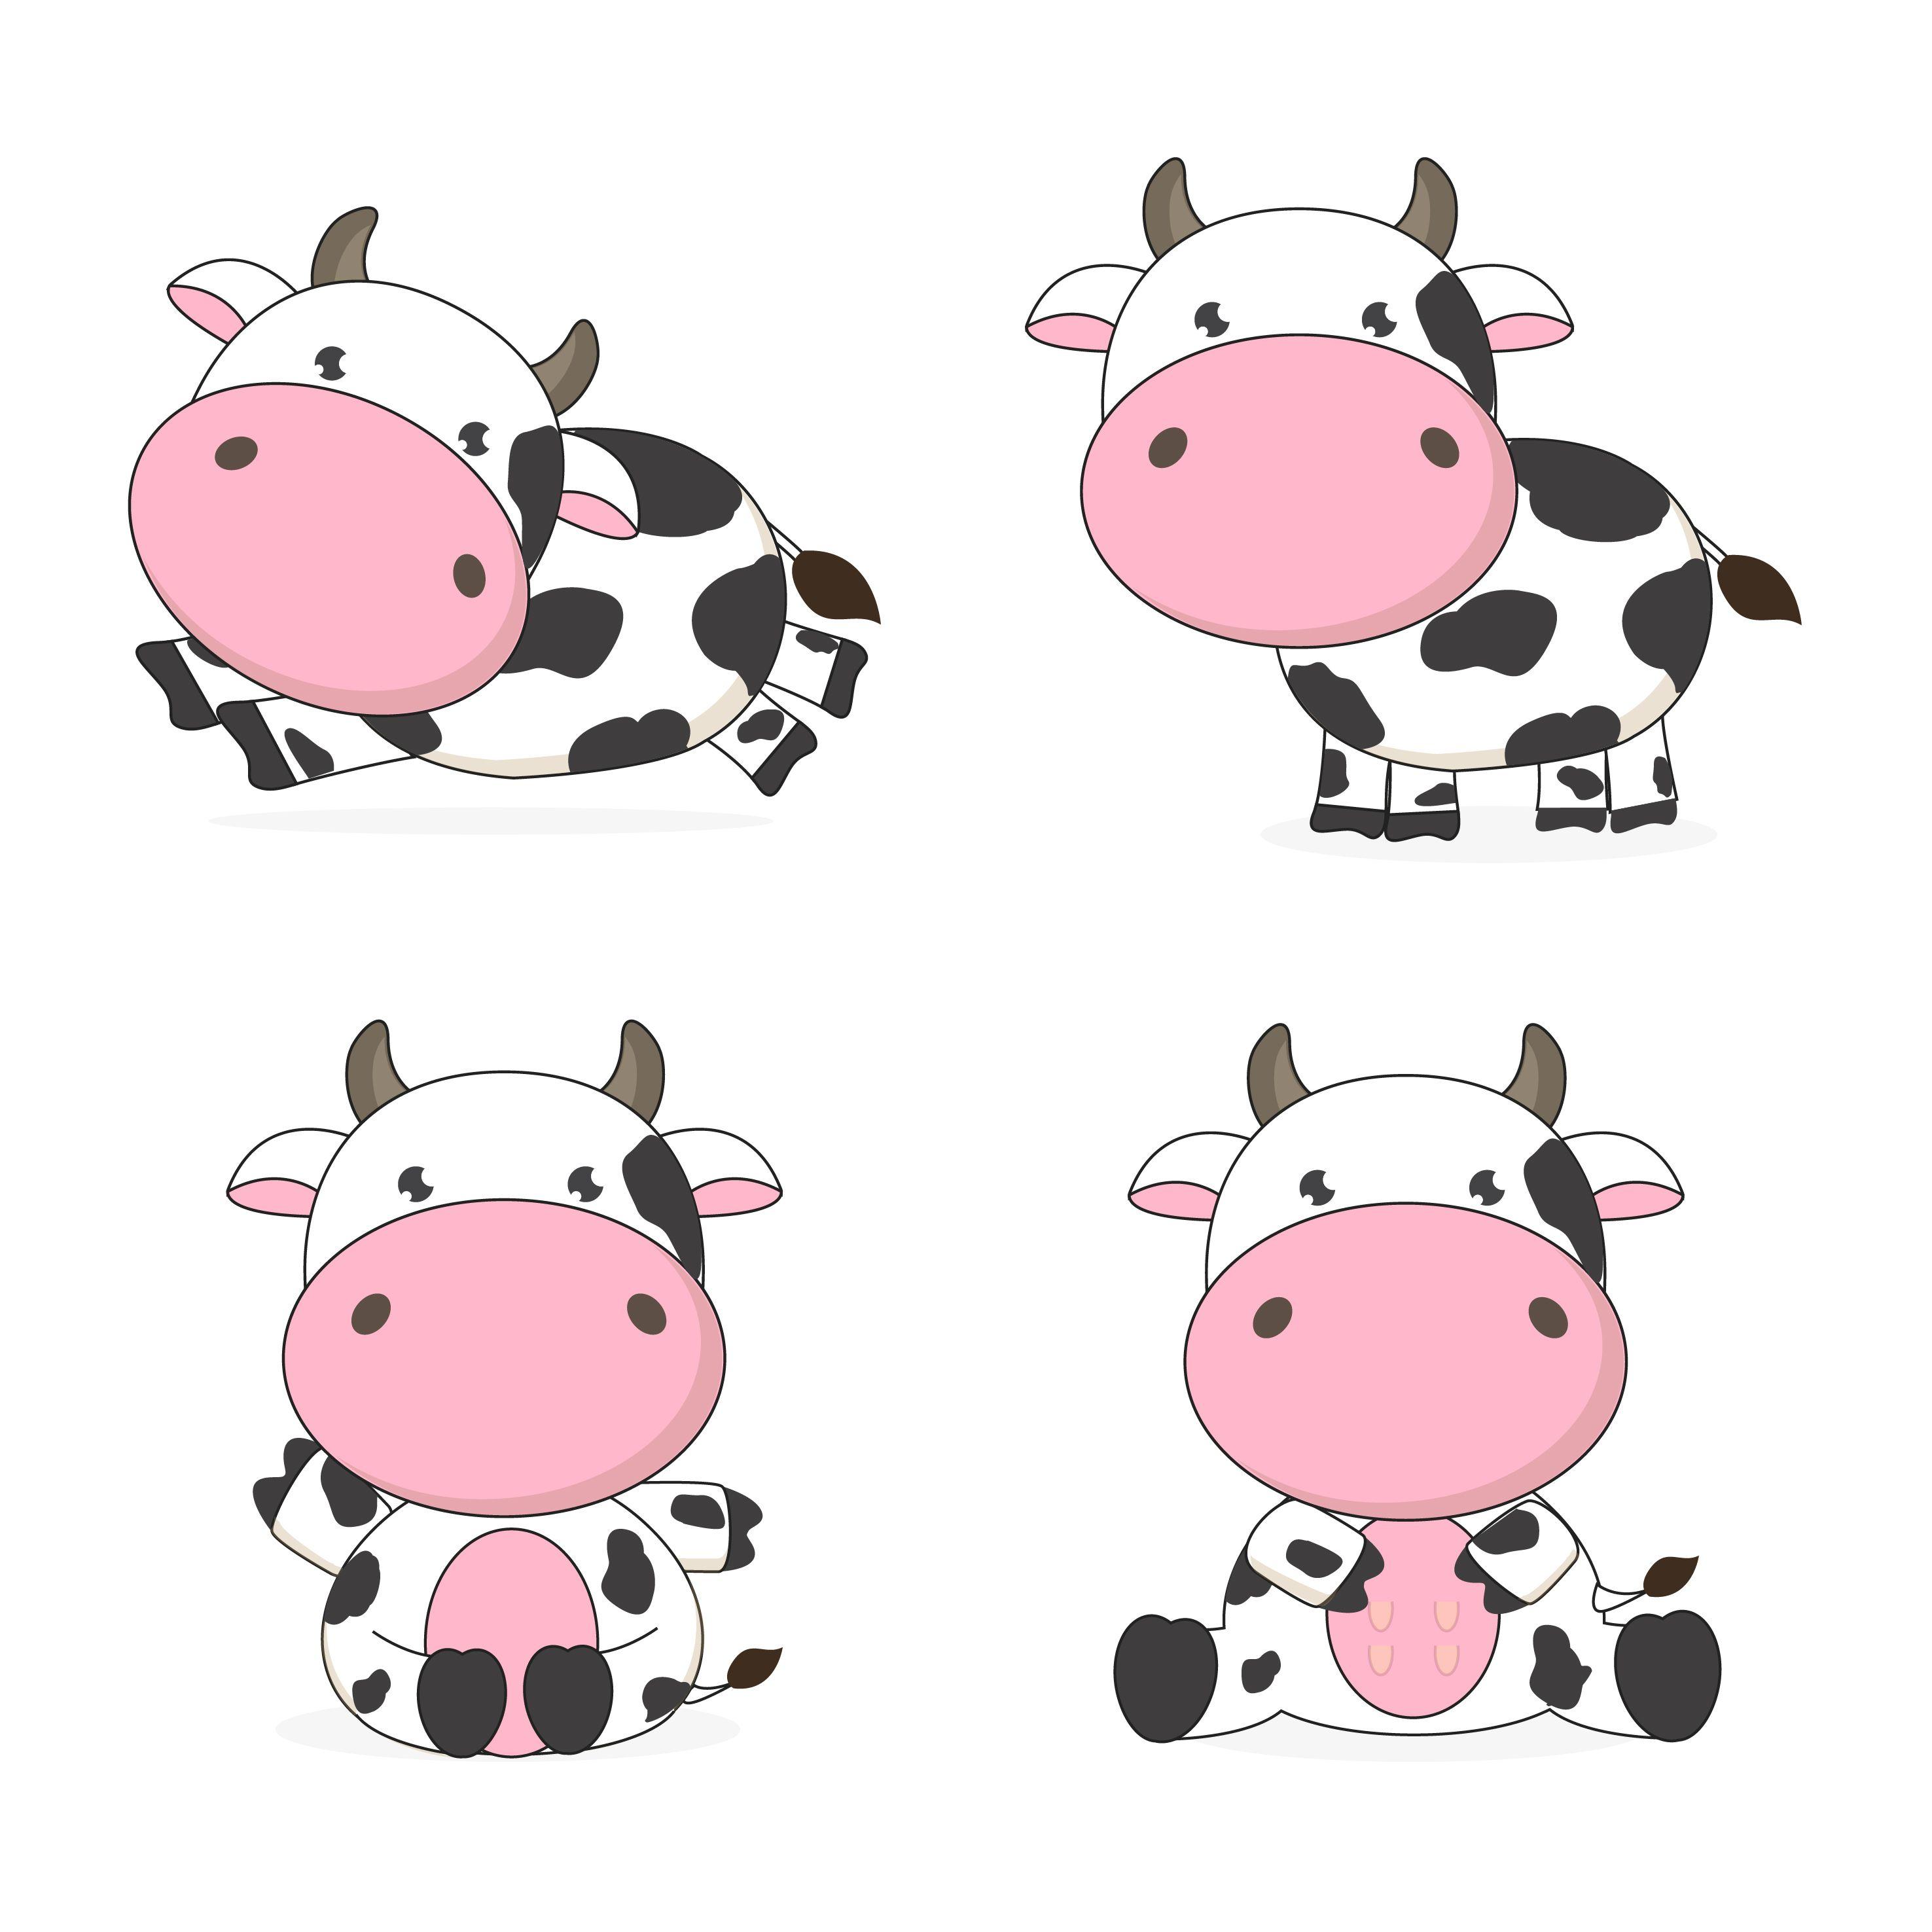 45+ Free Clipart Farm Animals Cows